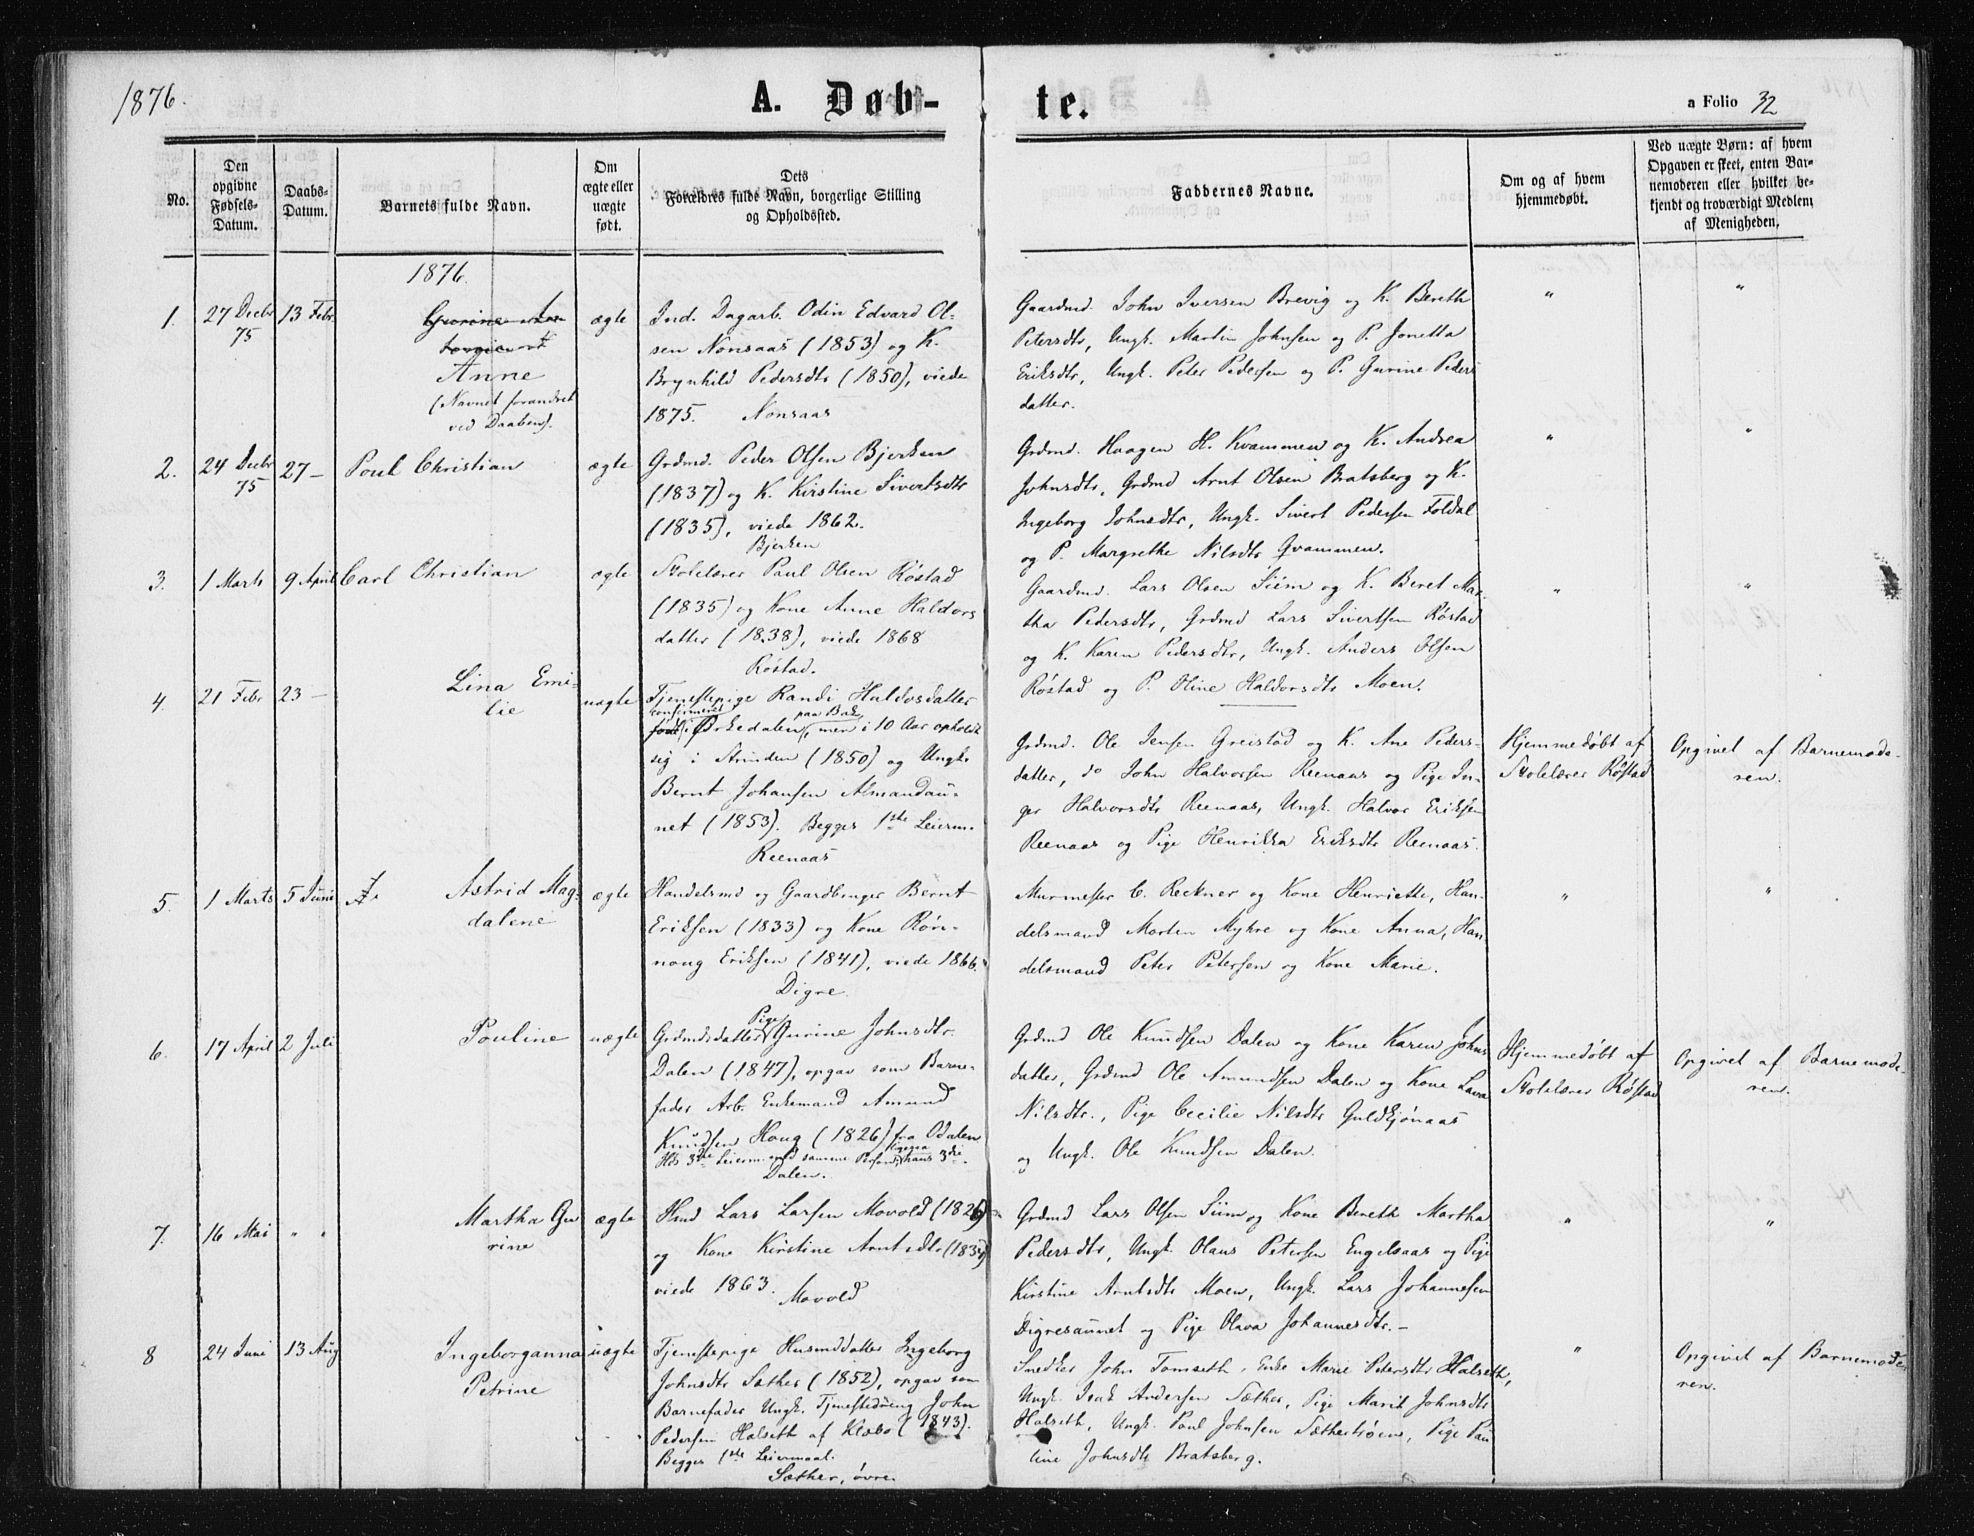 SAT, Ministerialprotokoller, klokkerbøker og fødselsregistre - Sør-Trøndelag, 608/L0333: Ministerialbok nr. 608A02, 1862-1876, s. 32